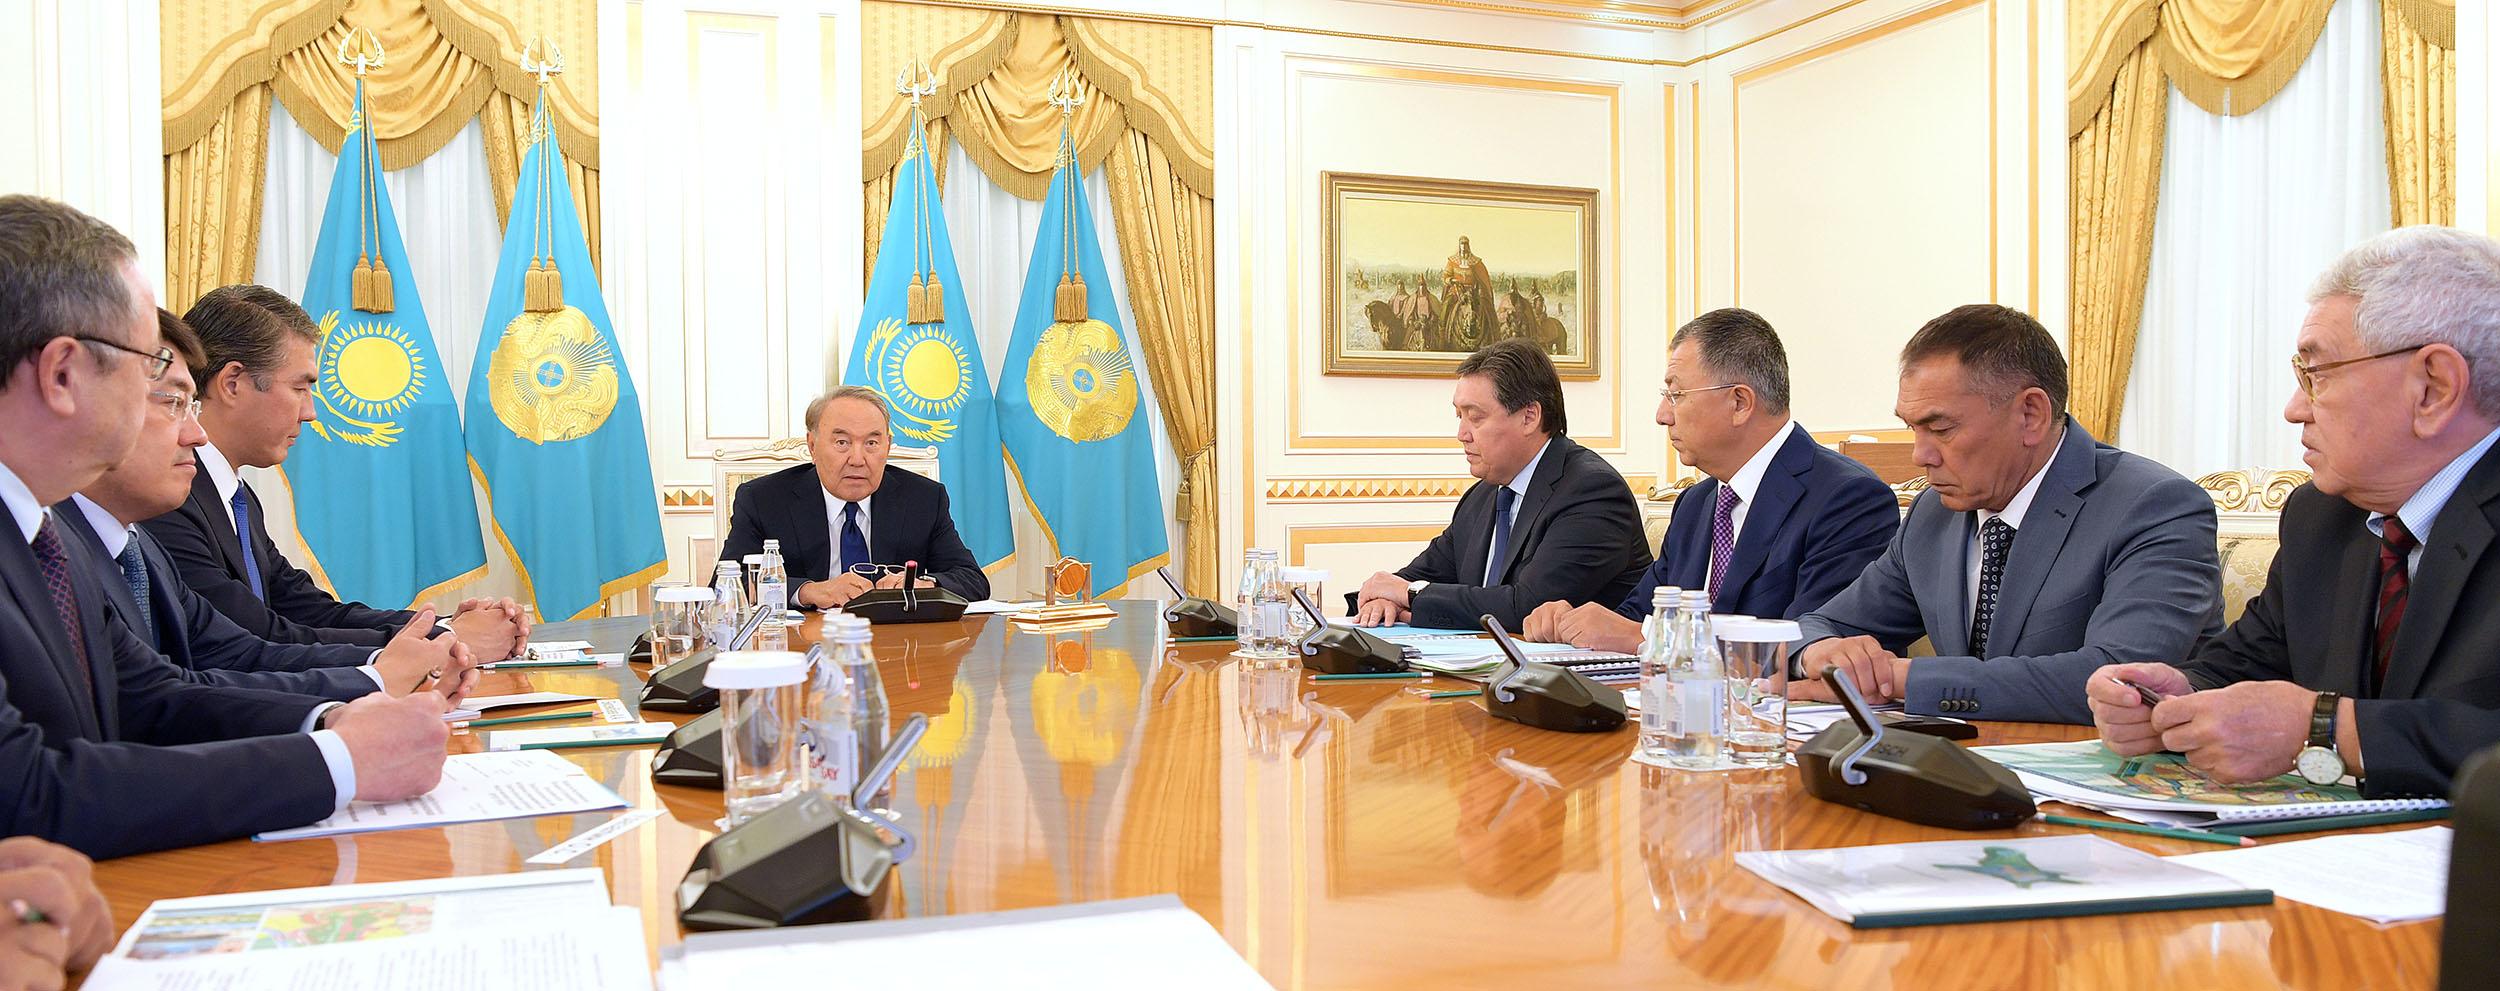 Нурсултану Назарбаеву доложили о планах развития Туркестана